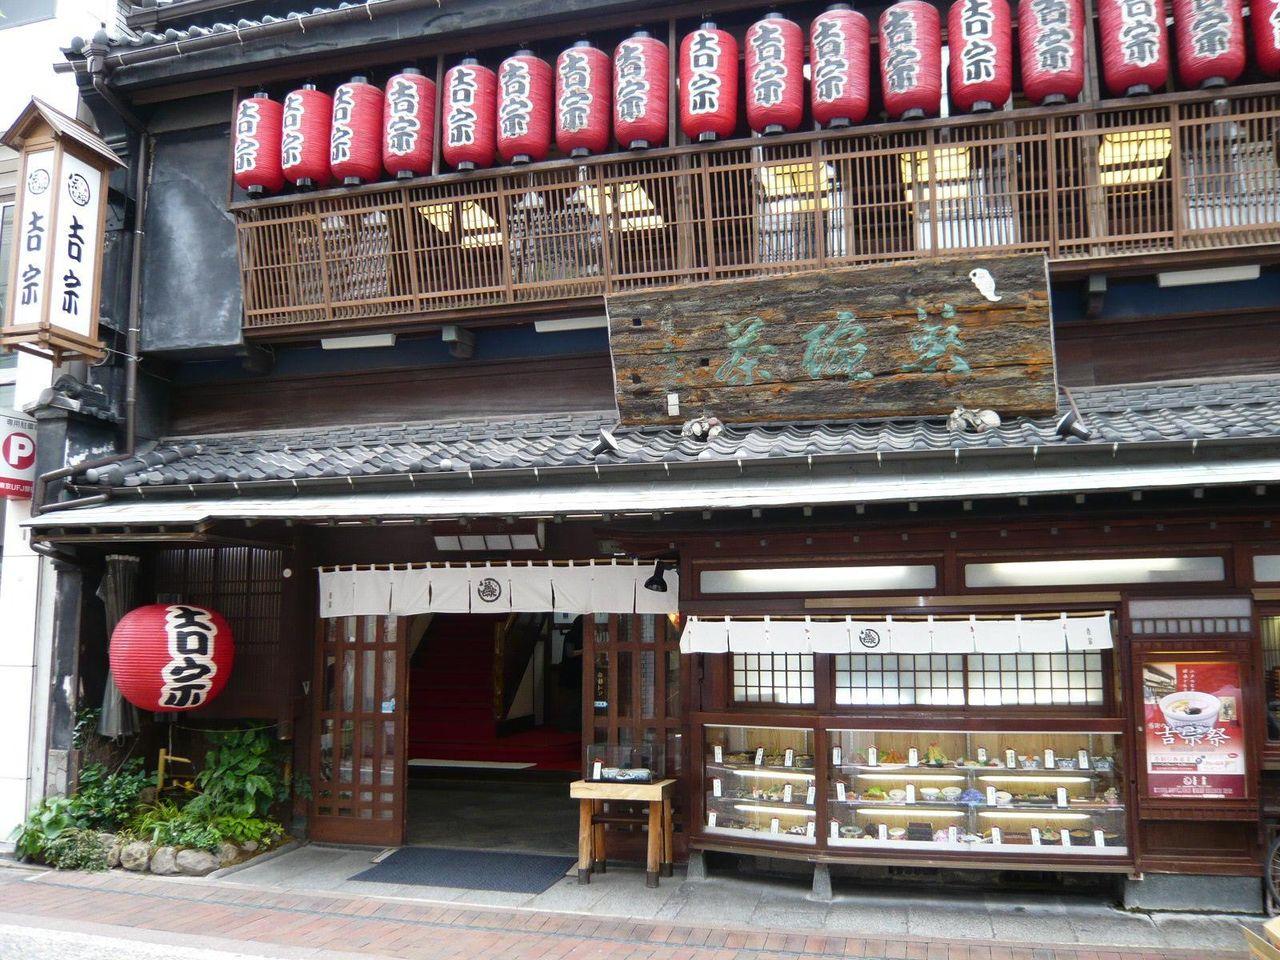 老舗の雰囲気を味わえる、吉宗本店